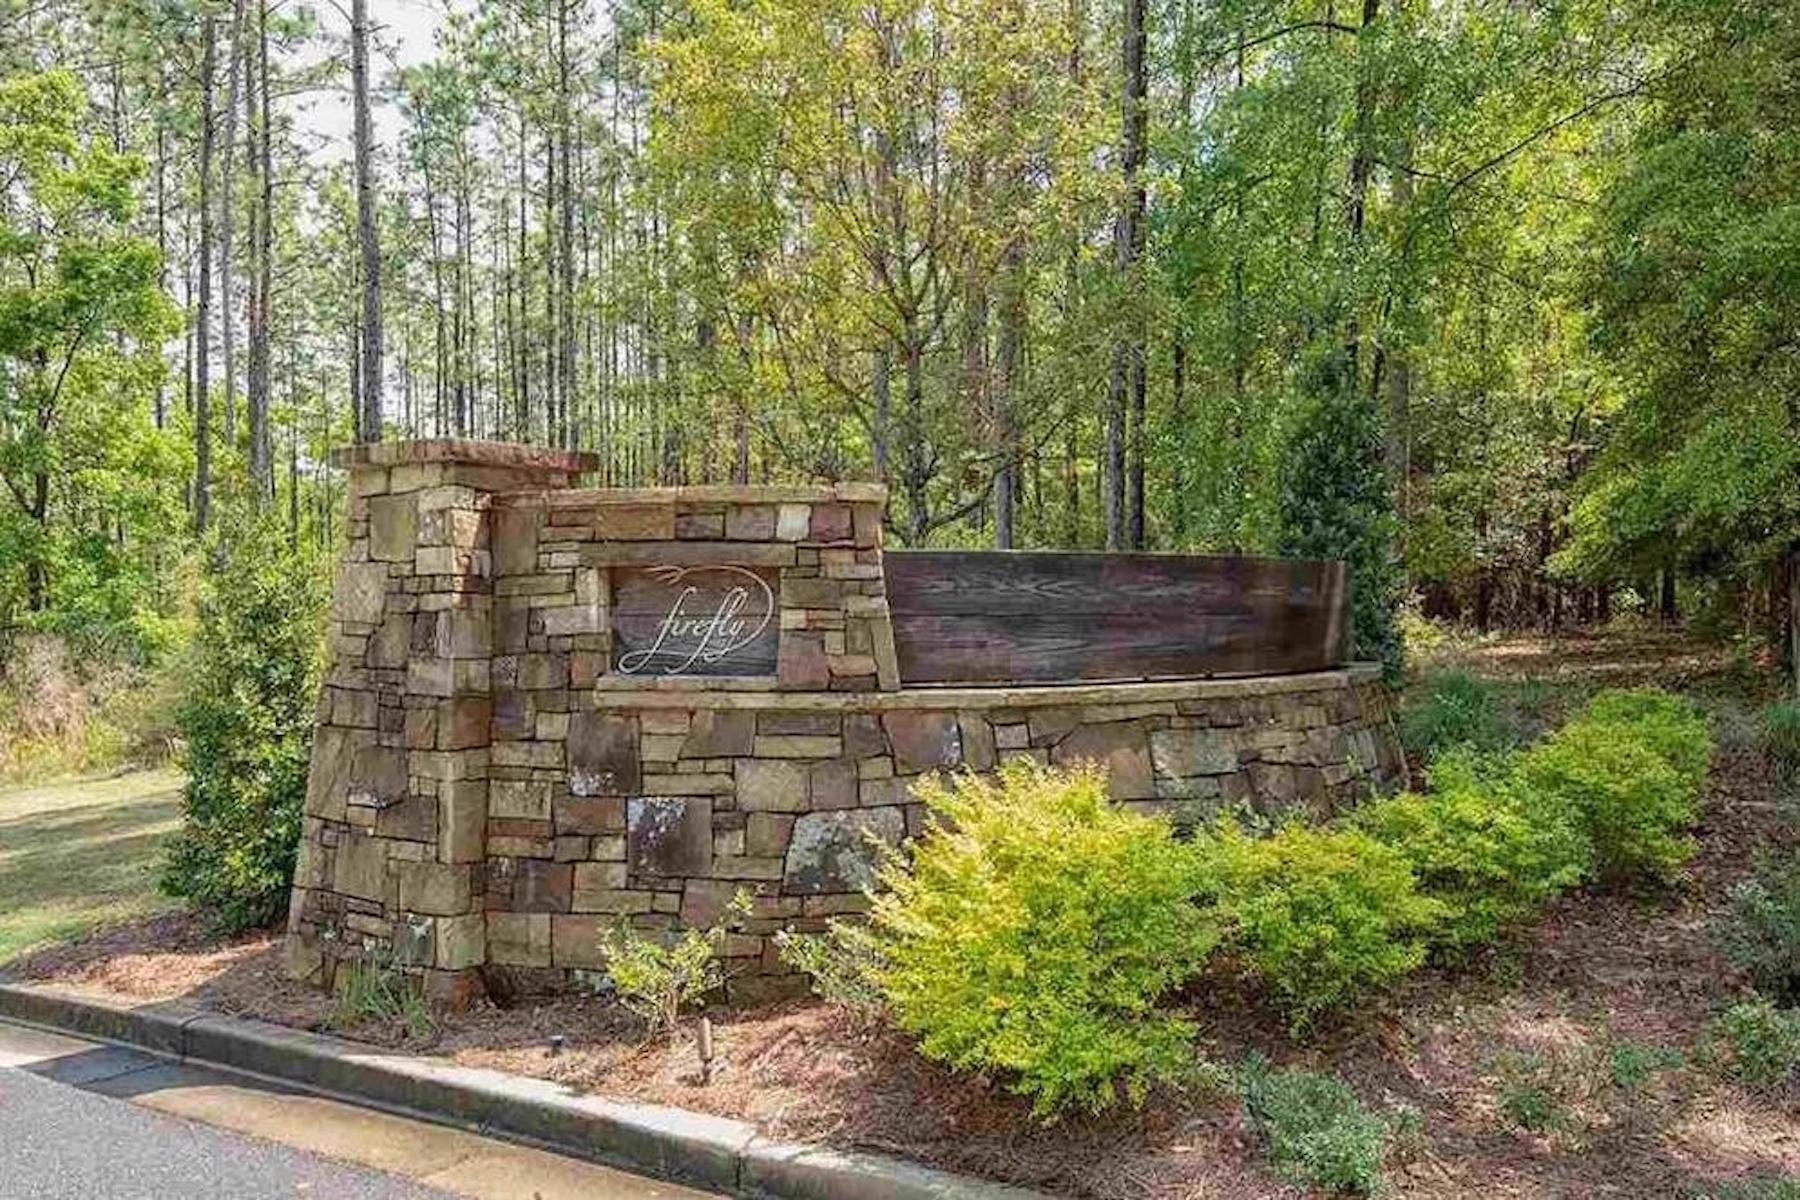 Terreno por un Venta en Firefly Lot 0 Flatwood Drive Fairhope, Alabama 36532 Estados Unidos